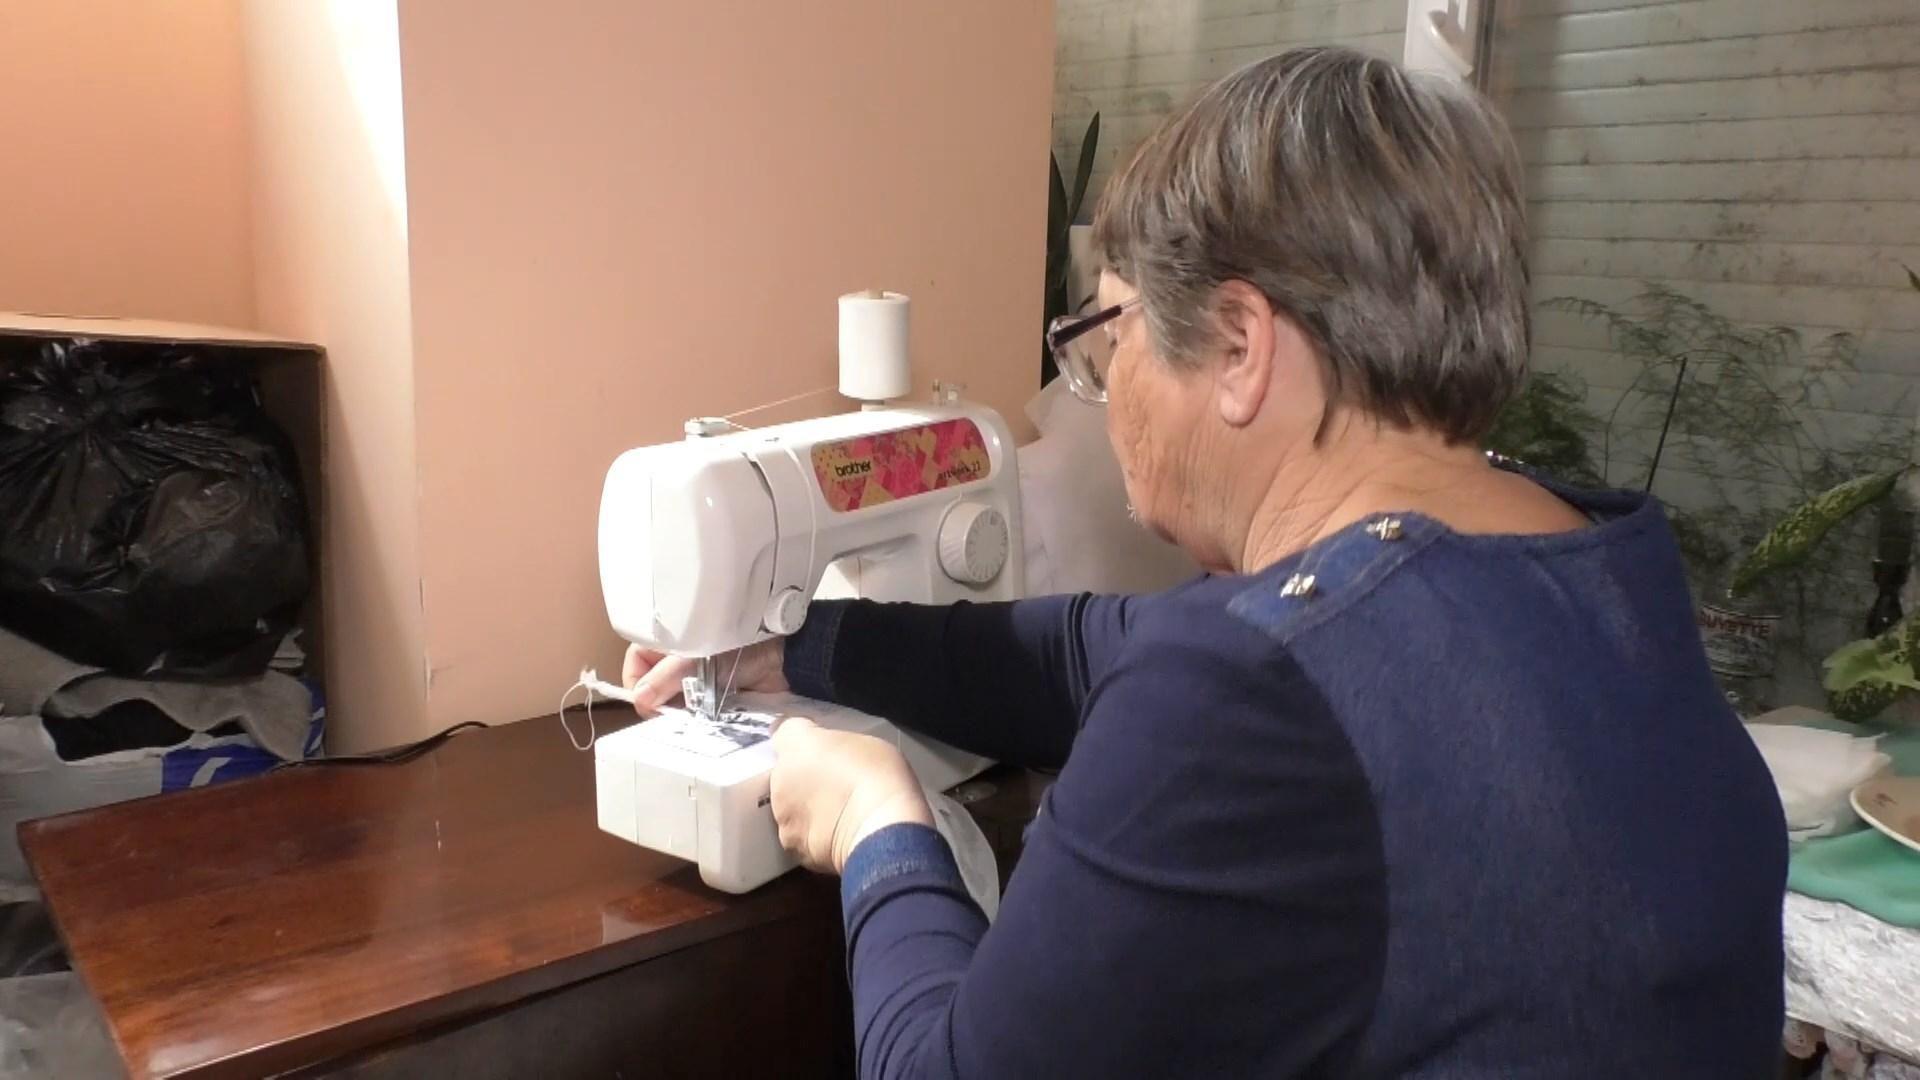 Полтысячи масок сшили пенсионерки за неделю в Черкассах: видео - Новости Черкасс - 24 Канал